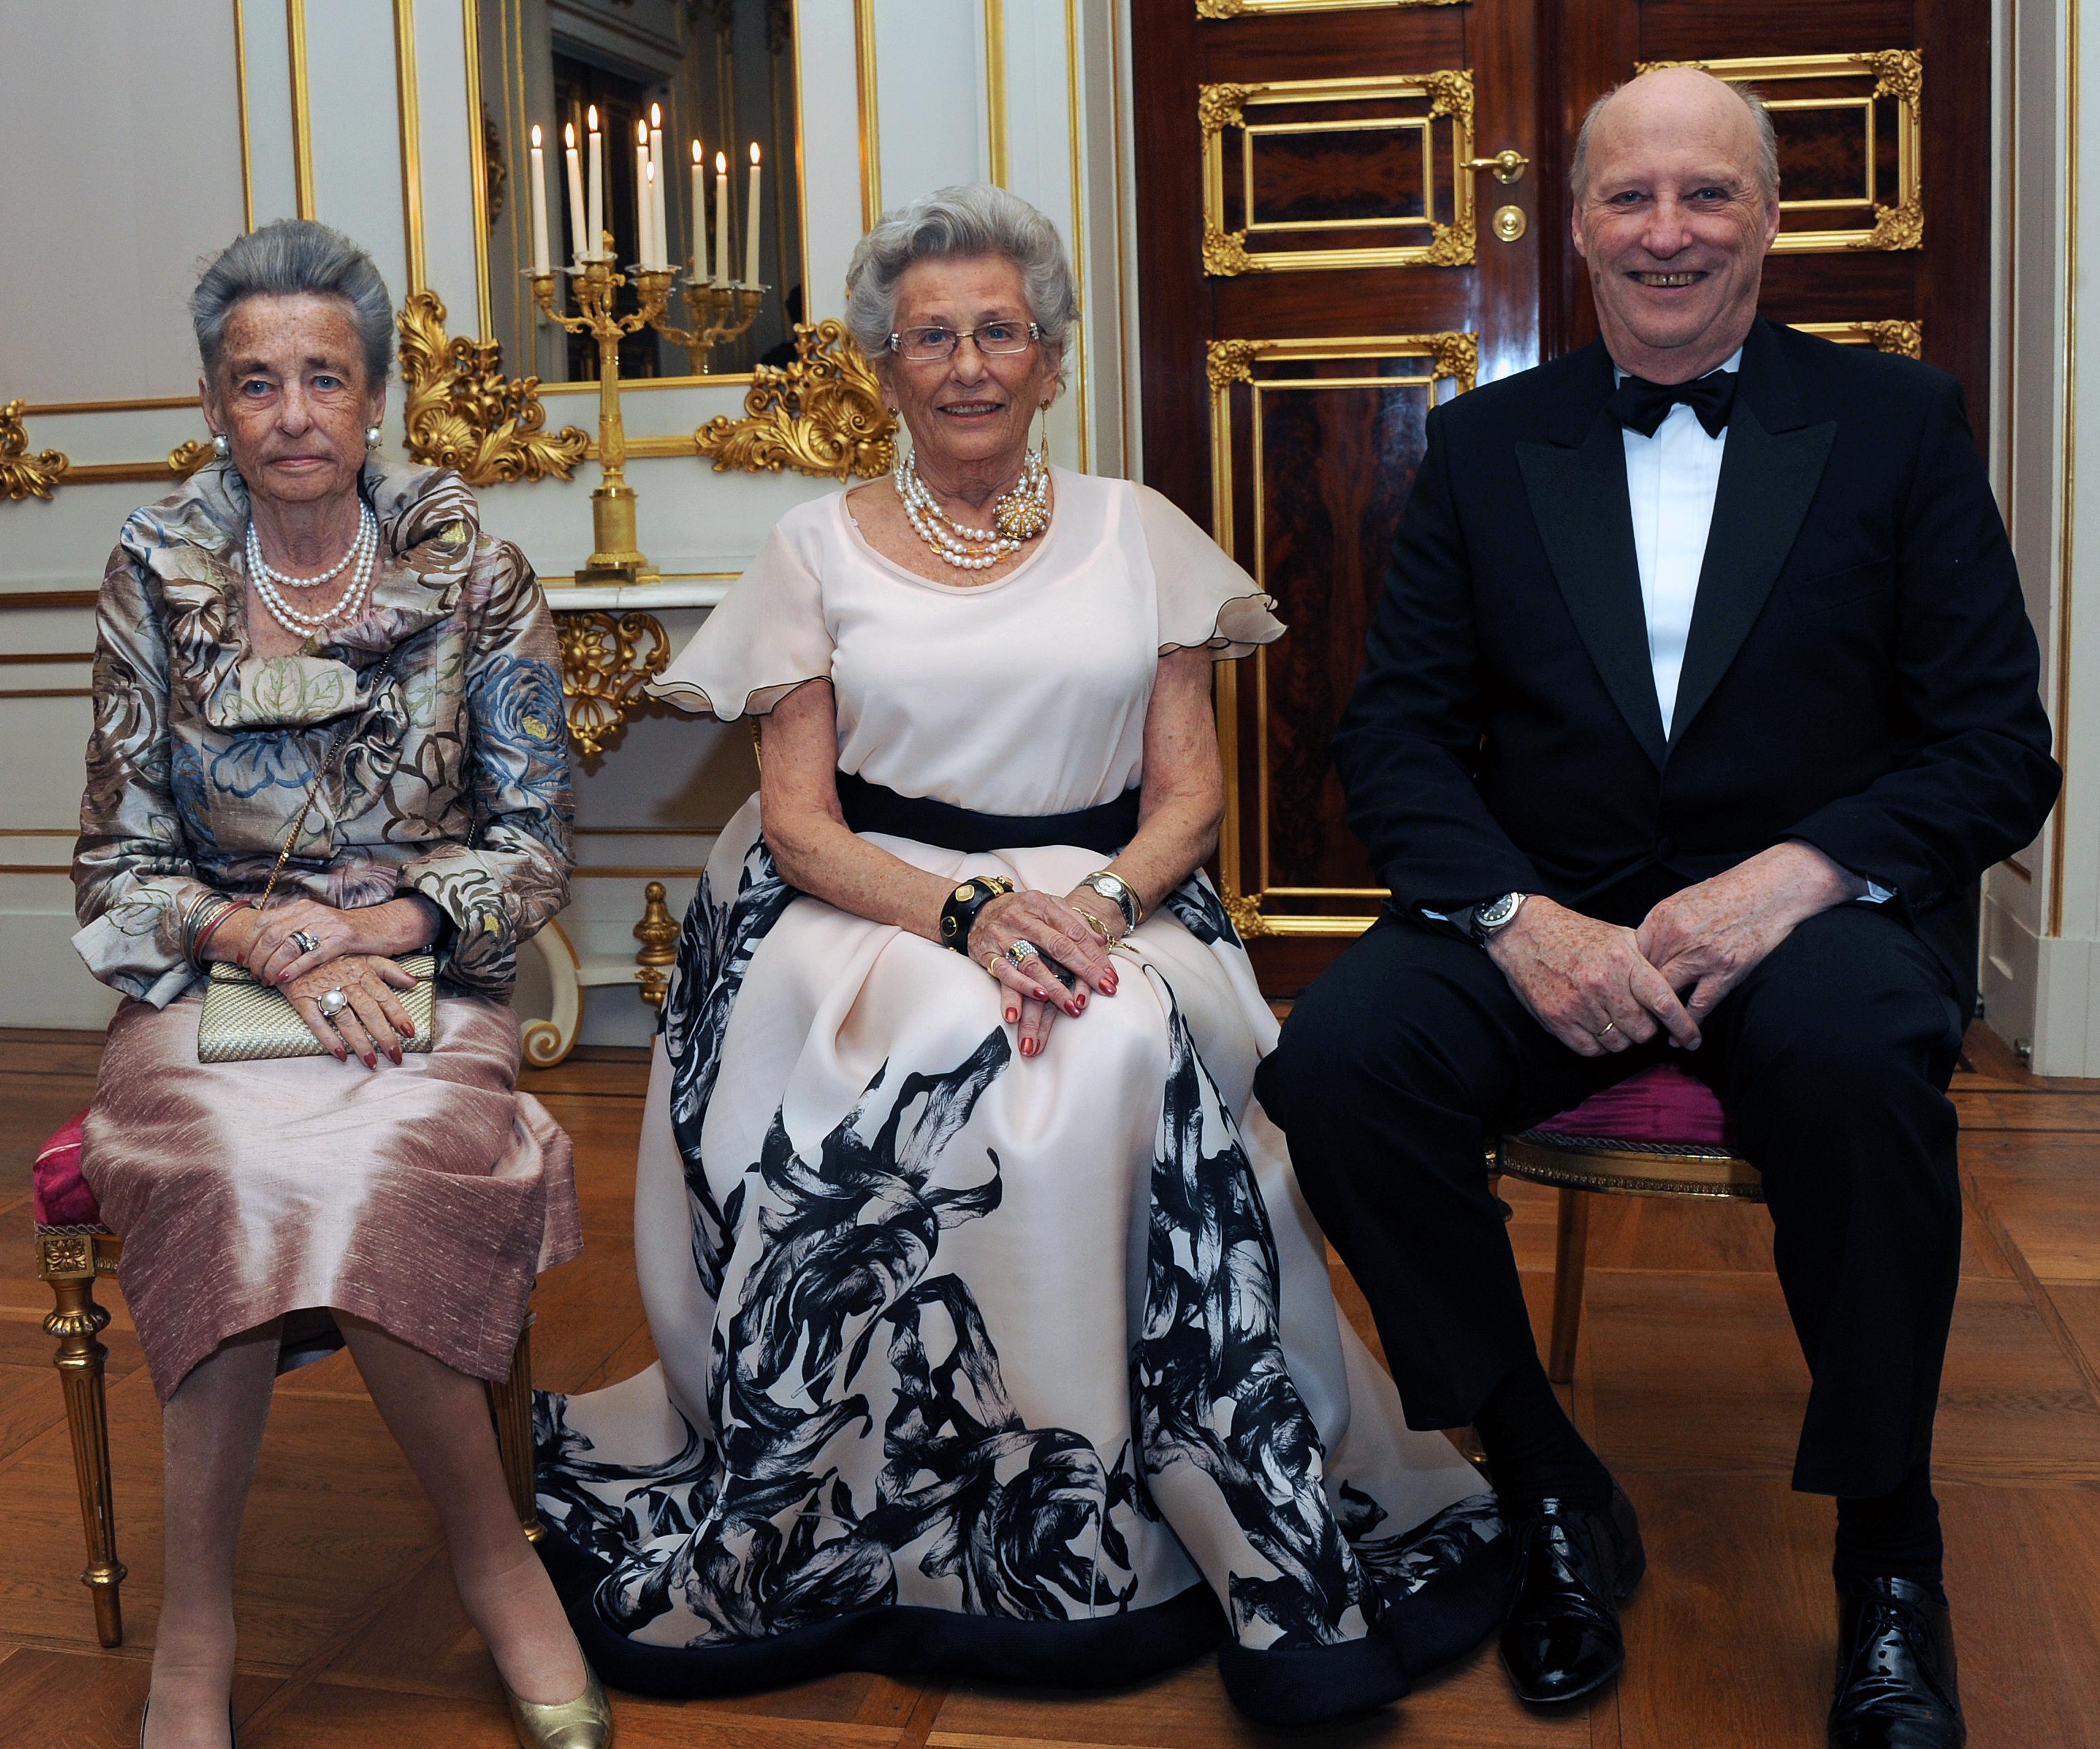 Секс в королевских семьях 5 фотография